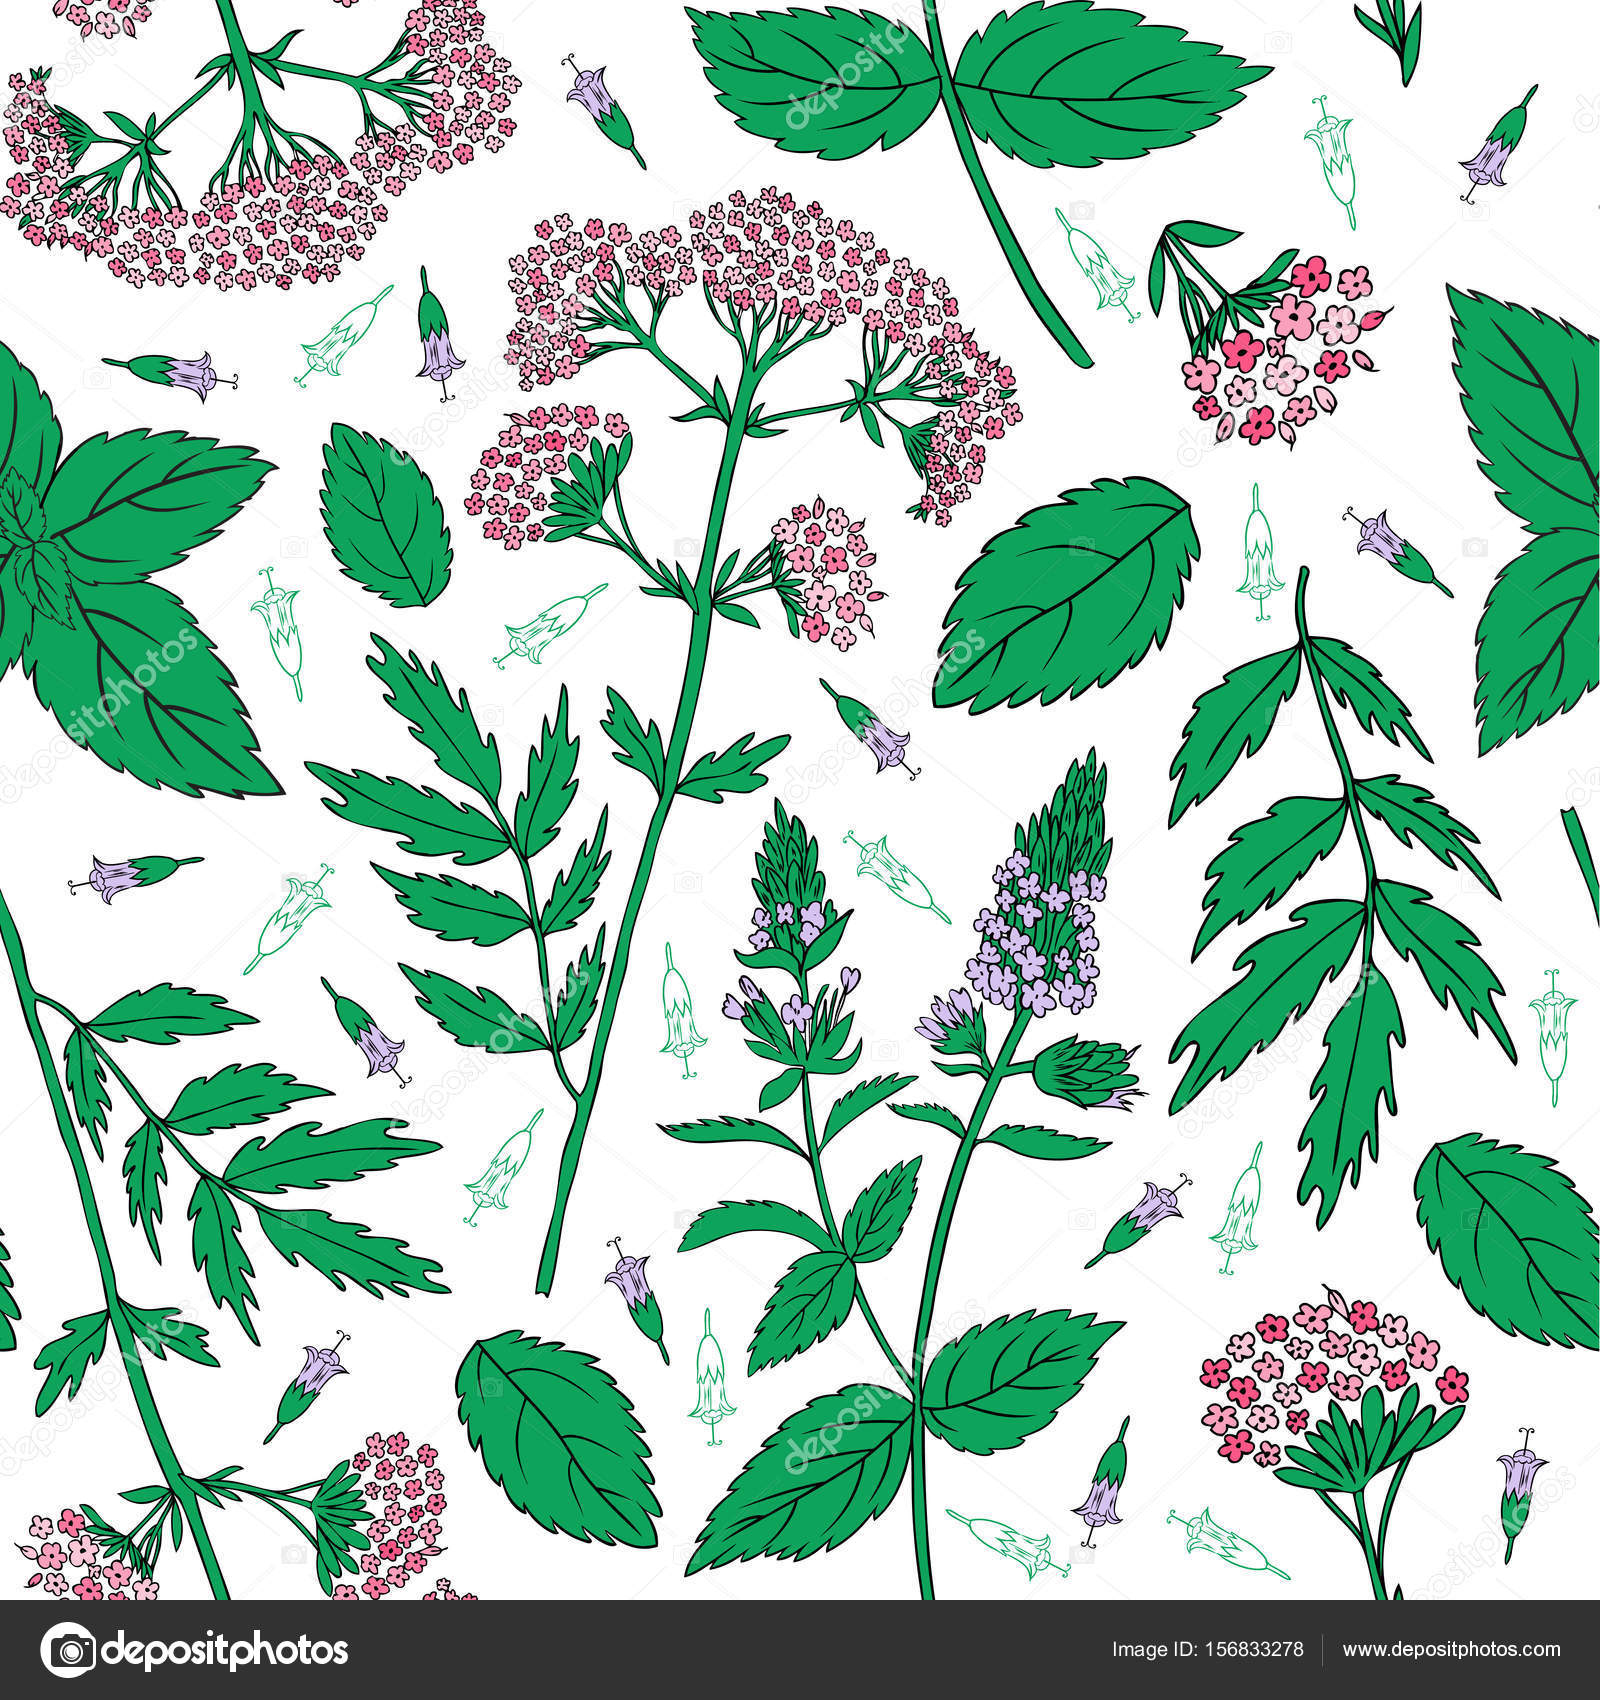 De hojas de menta, brotes de menta piperita, Valeriana officinalis ...